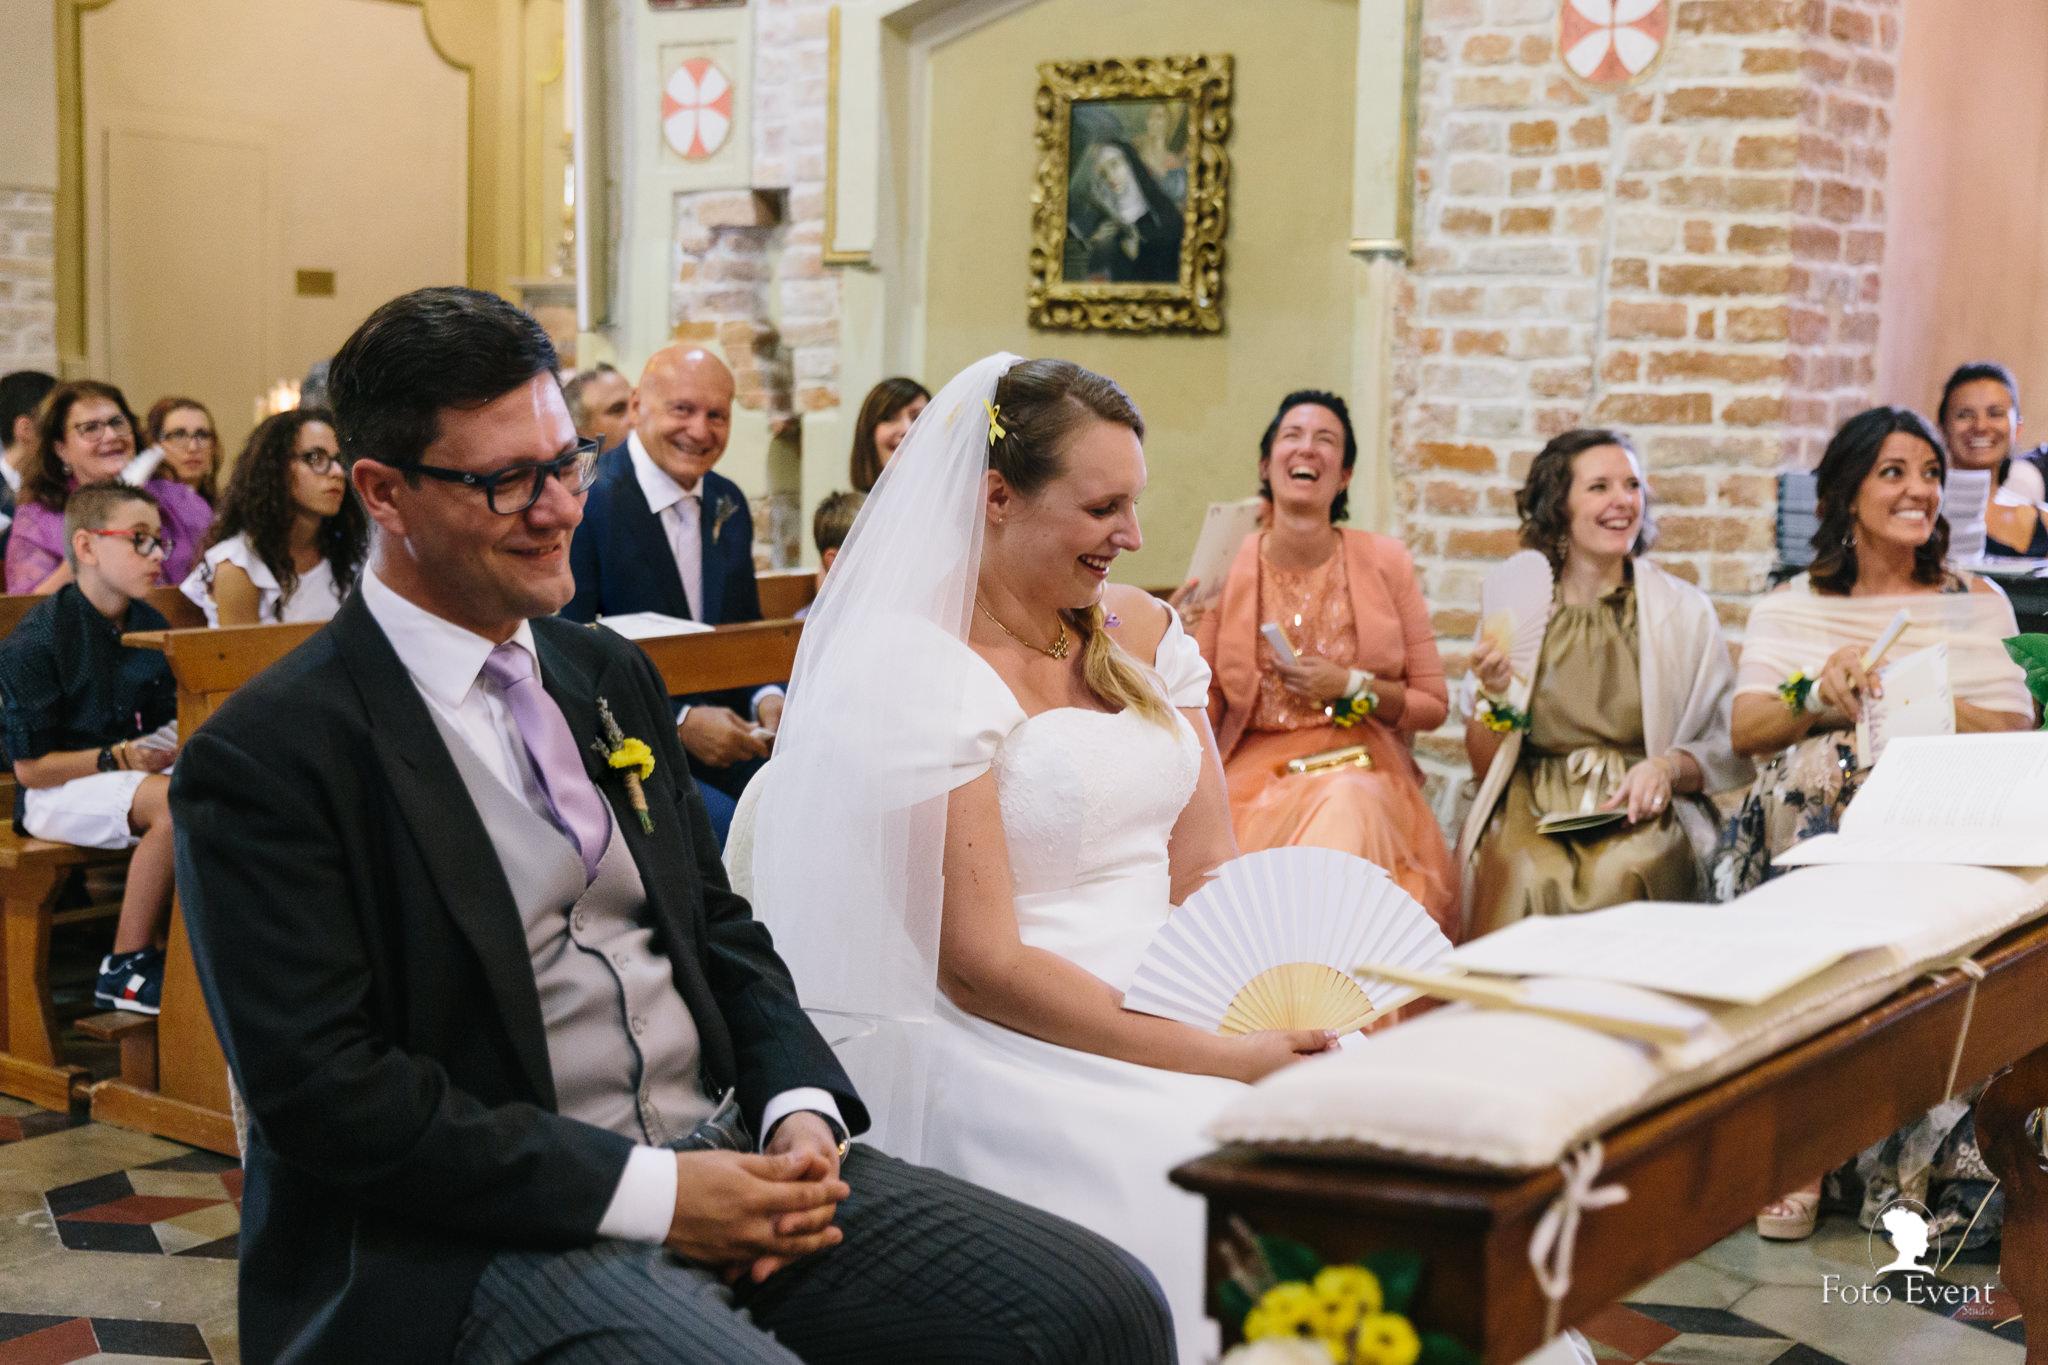 043-2019-07-27-Matrimonio-Valentina-e-Alessandro-Pettinari-5DE-665